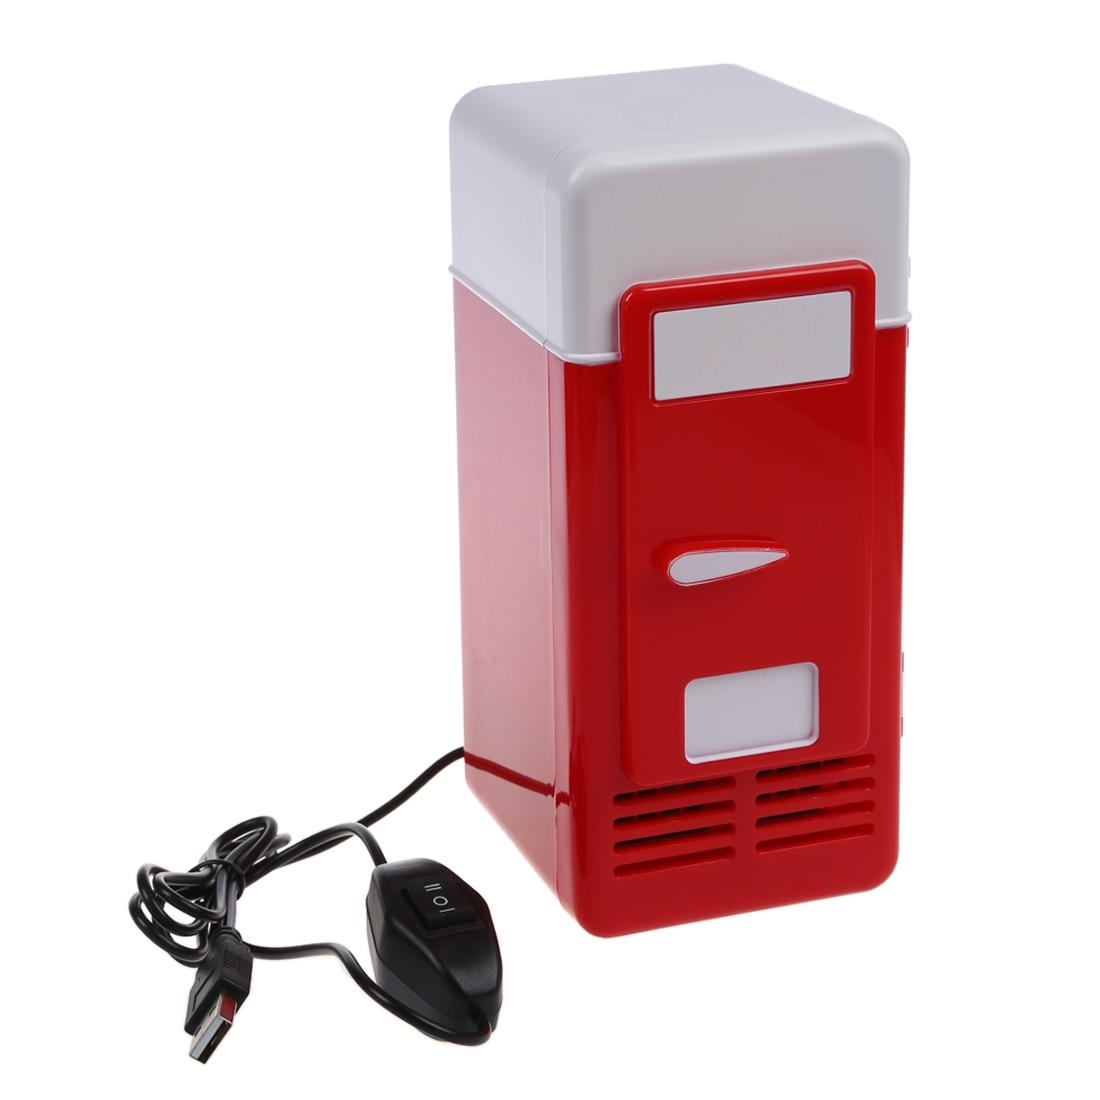 Красный настольных мини-холодильник Mini USB гаджет банок для напитков охладитель теплее холодильник с внутренним светодиодный свет для дома